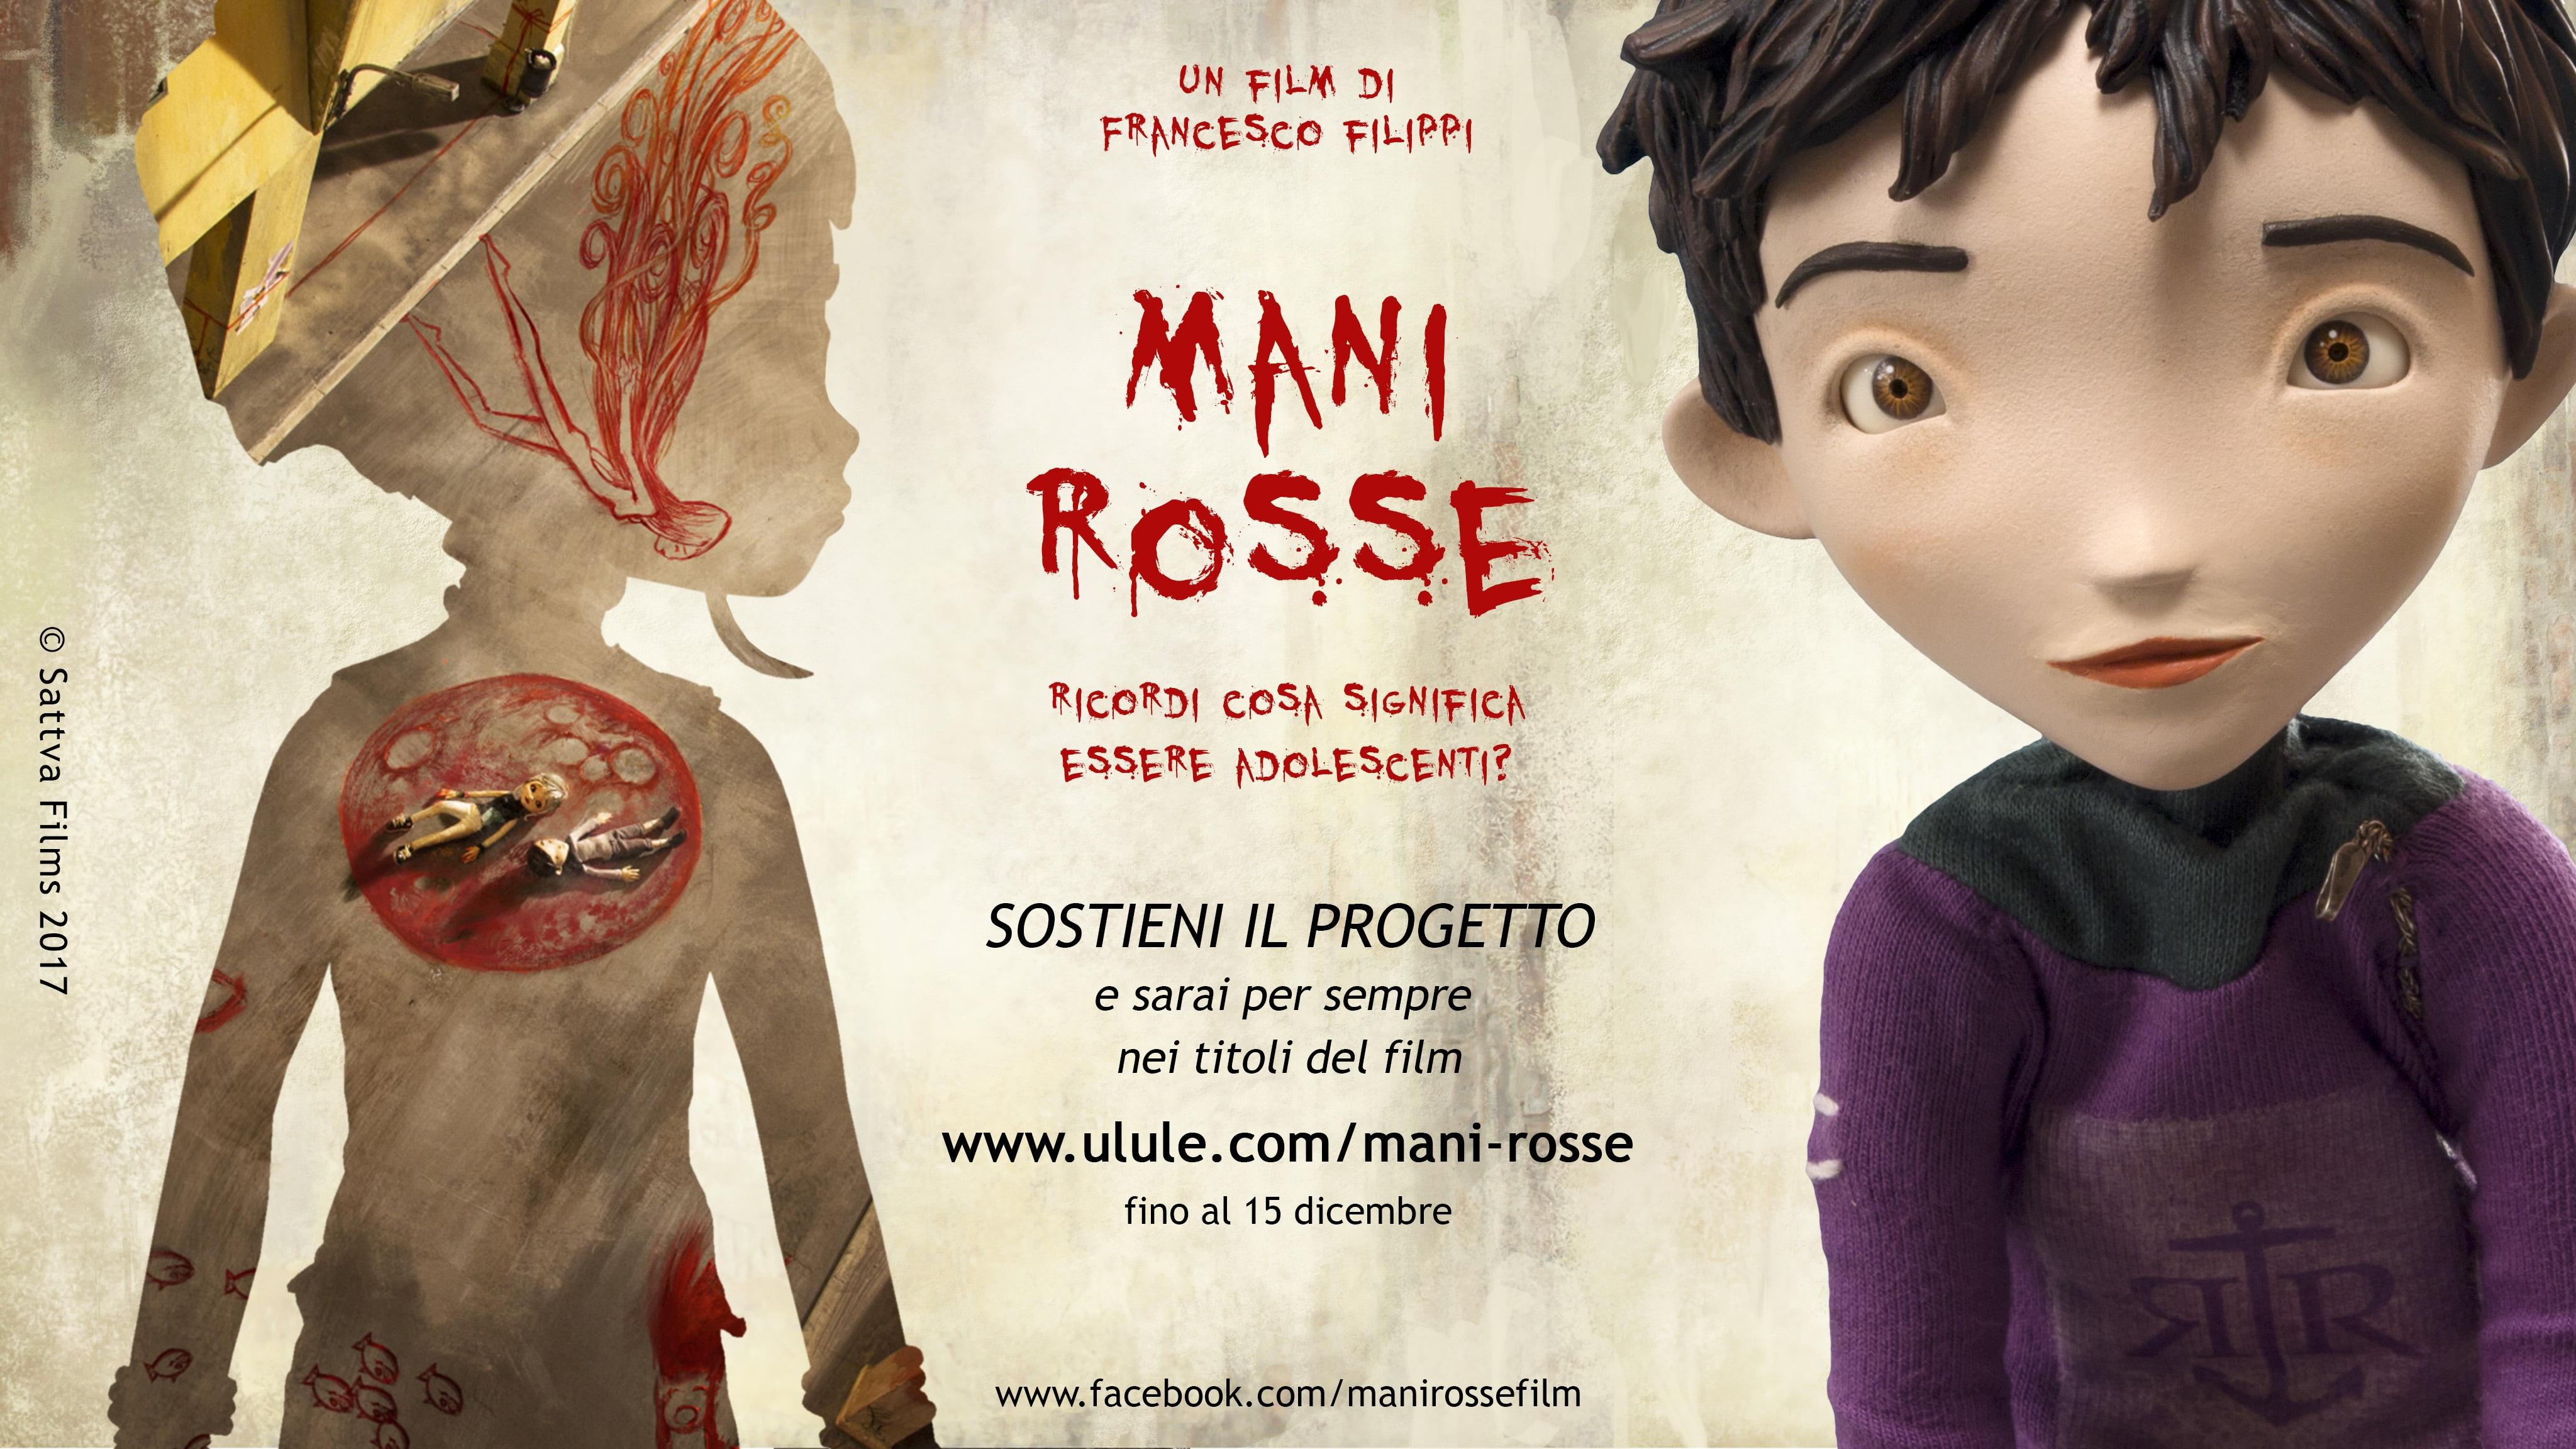 Mani rosse: il film che parla in modo nuovo agli adolescenti